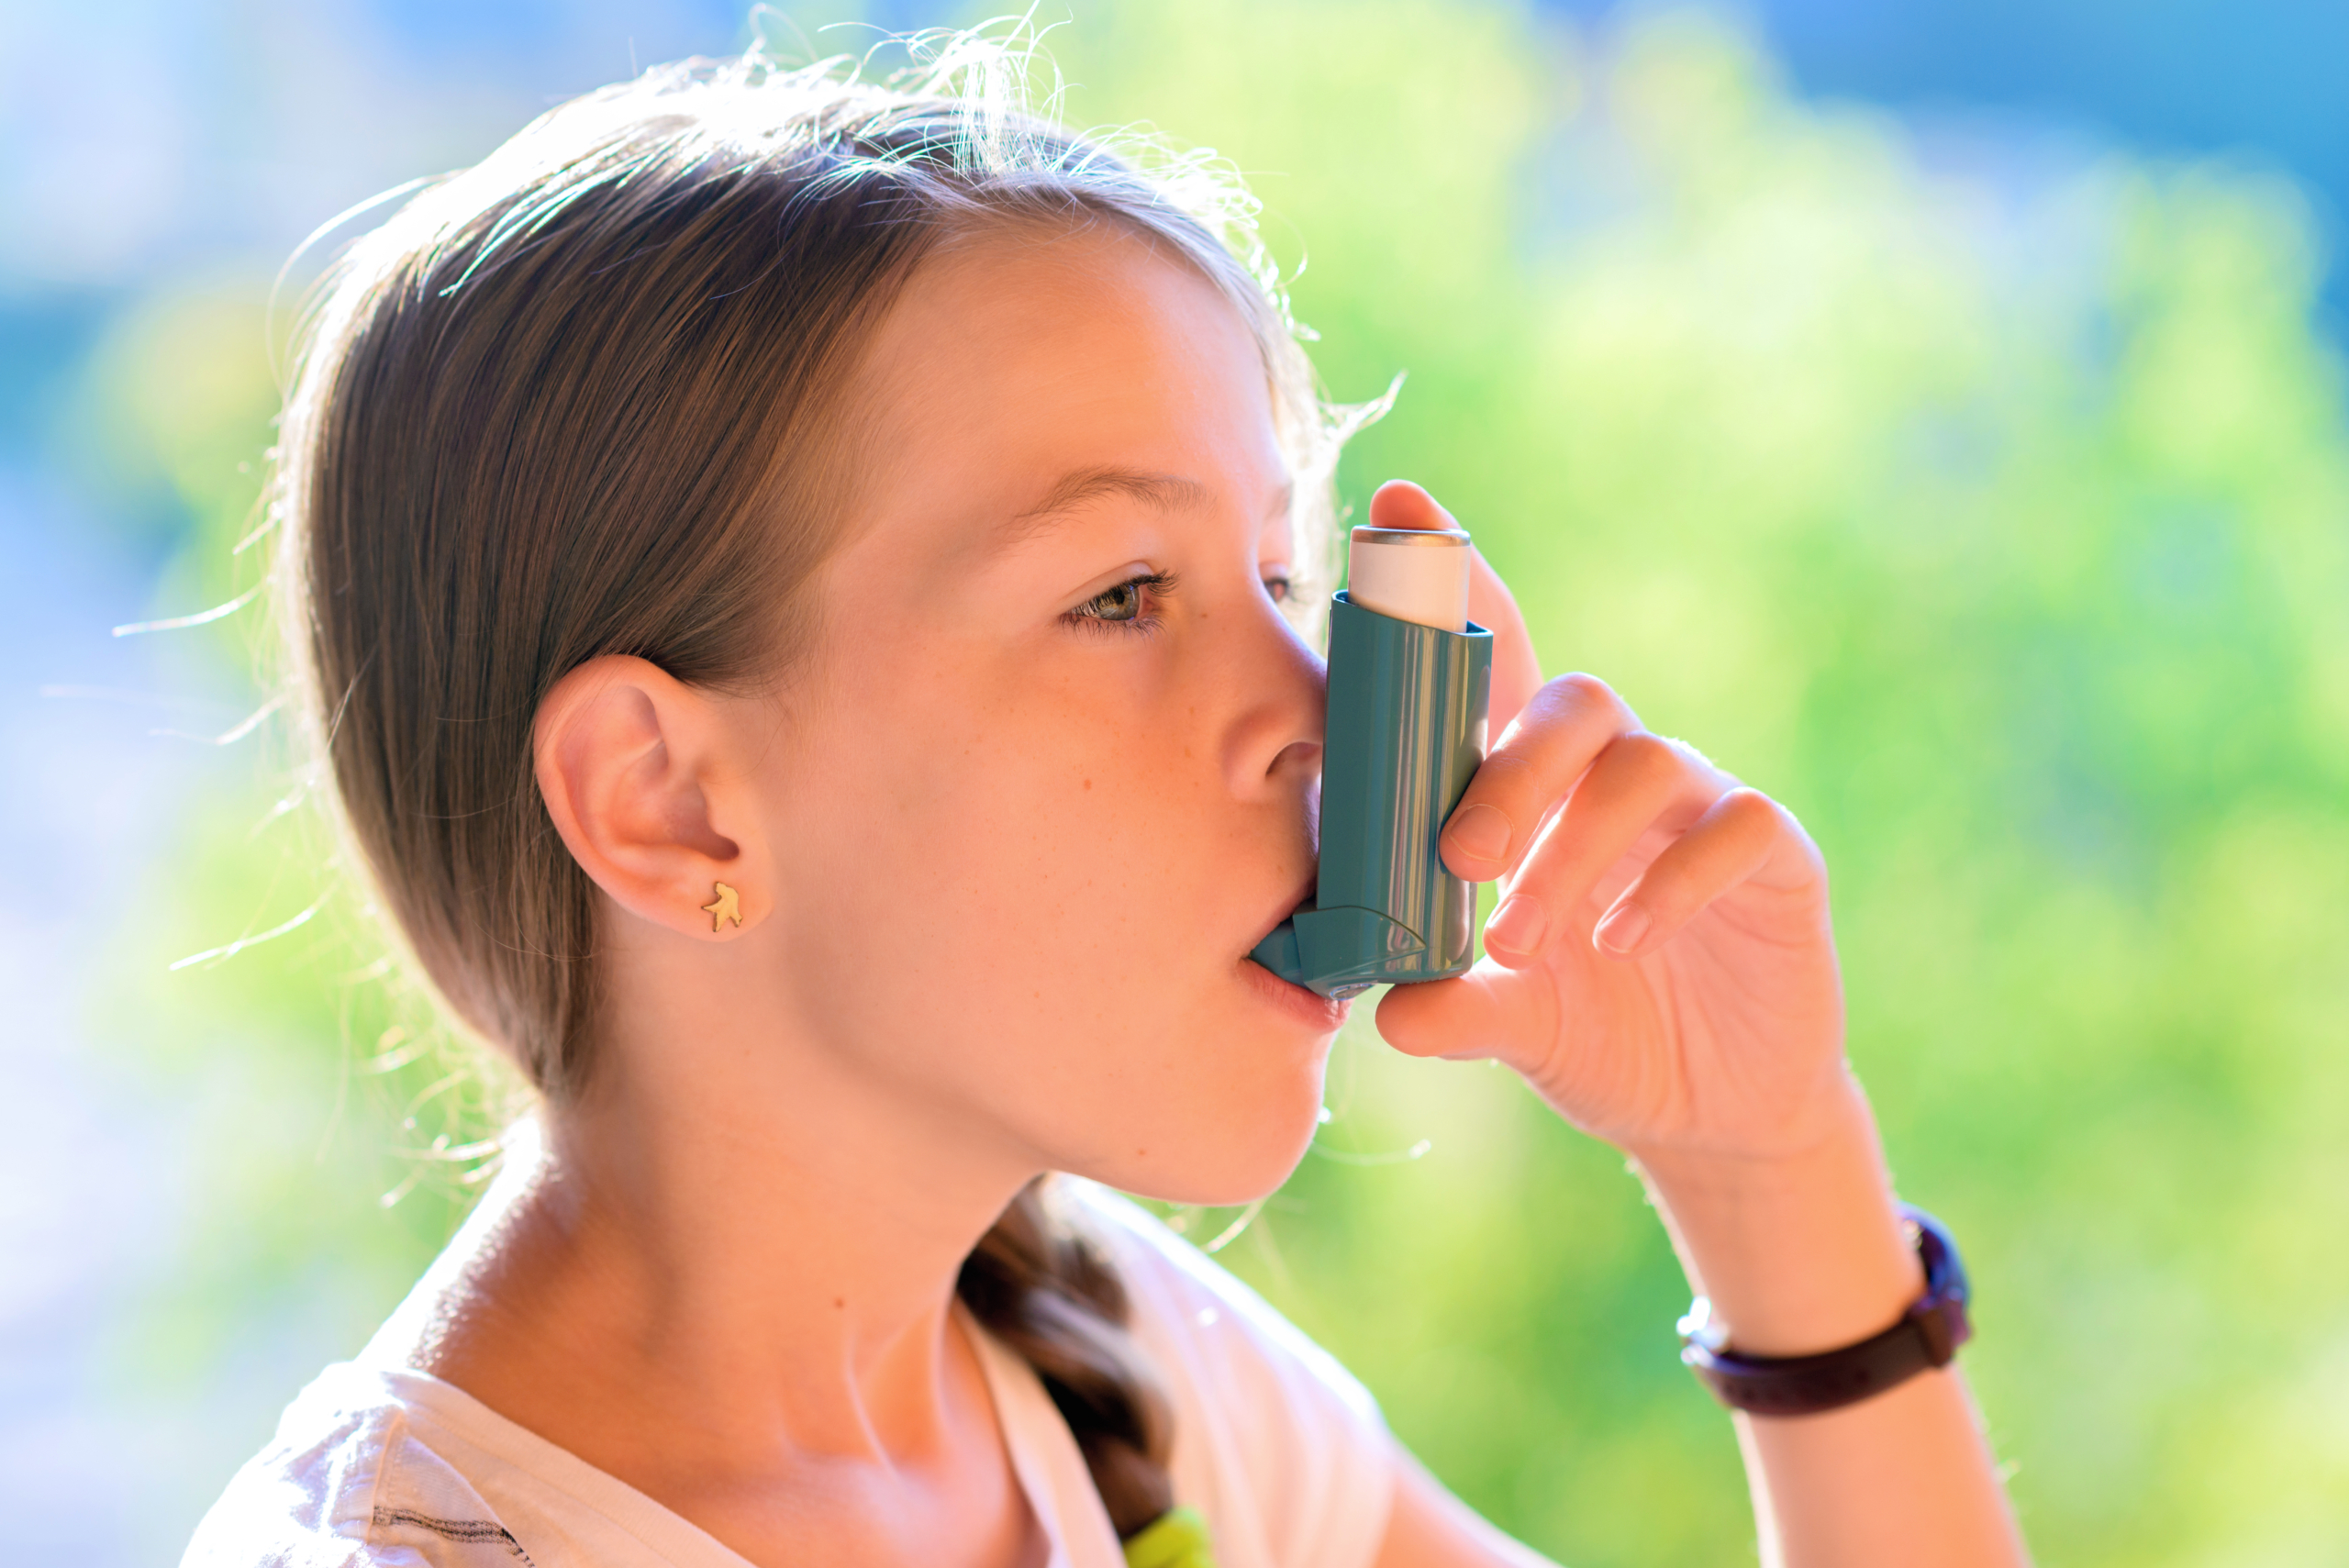 Бронхиальная астма у детей - признаки и симптомы